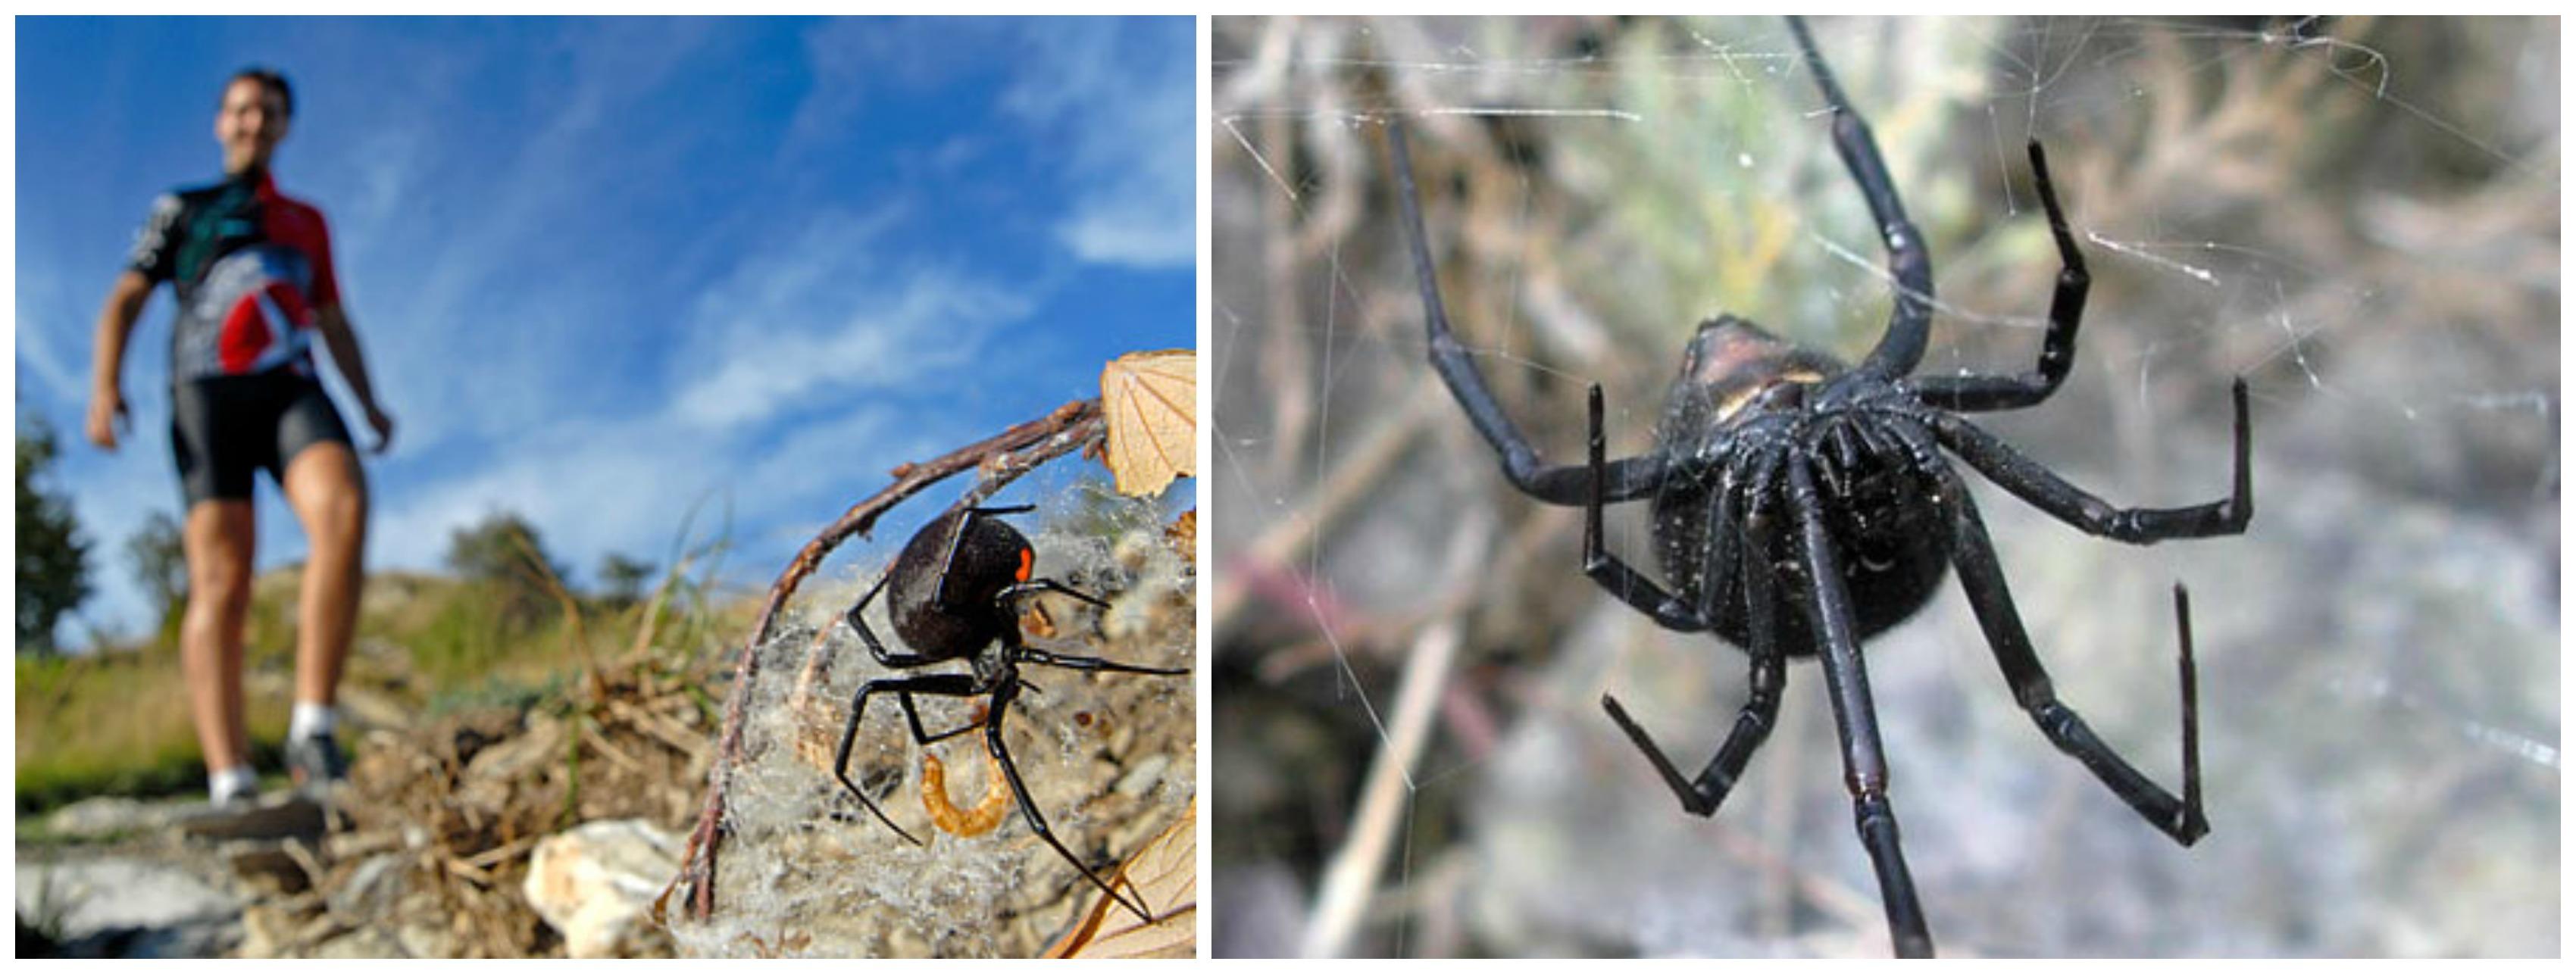 Укусы пауков : симптомы и лечение | компетентно о здоровье на ilive